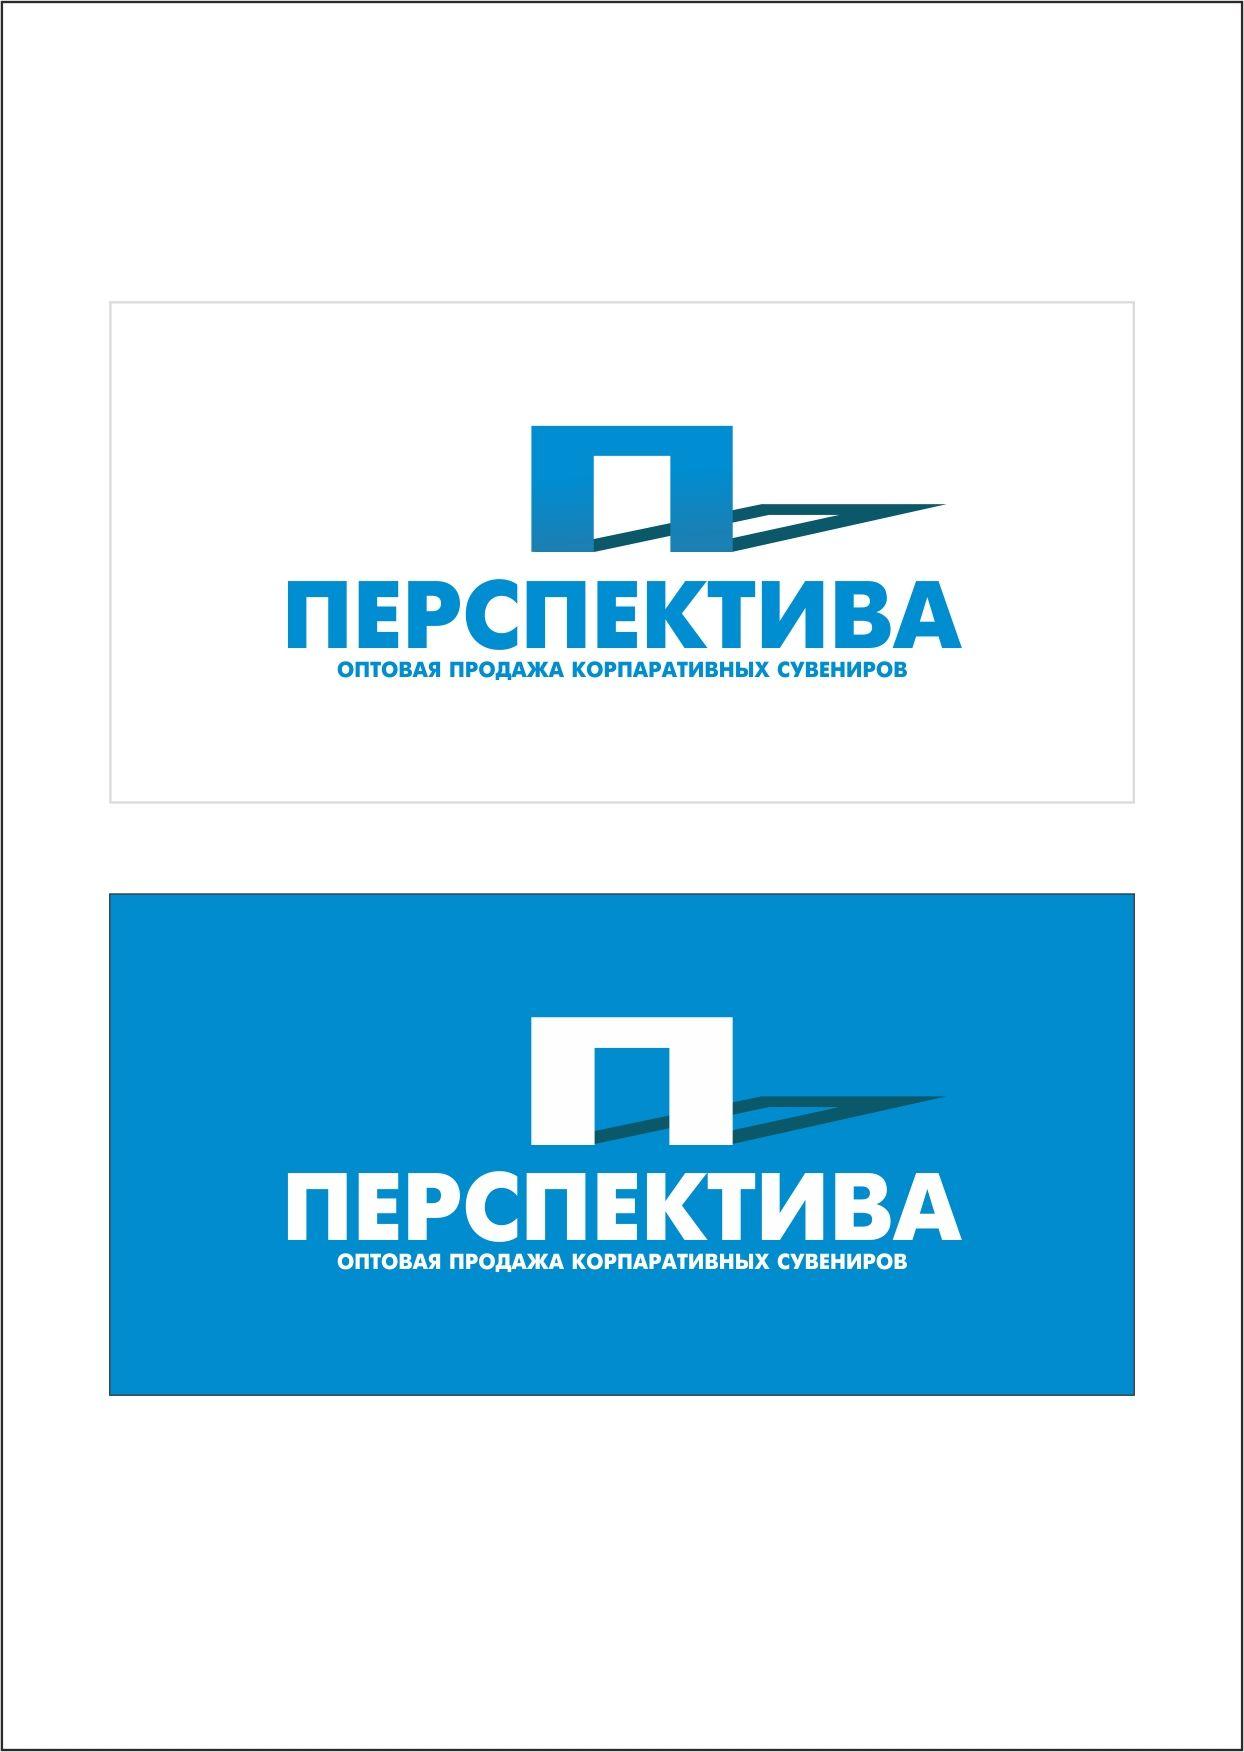 Логотип для компании  - дизайнер KylTas